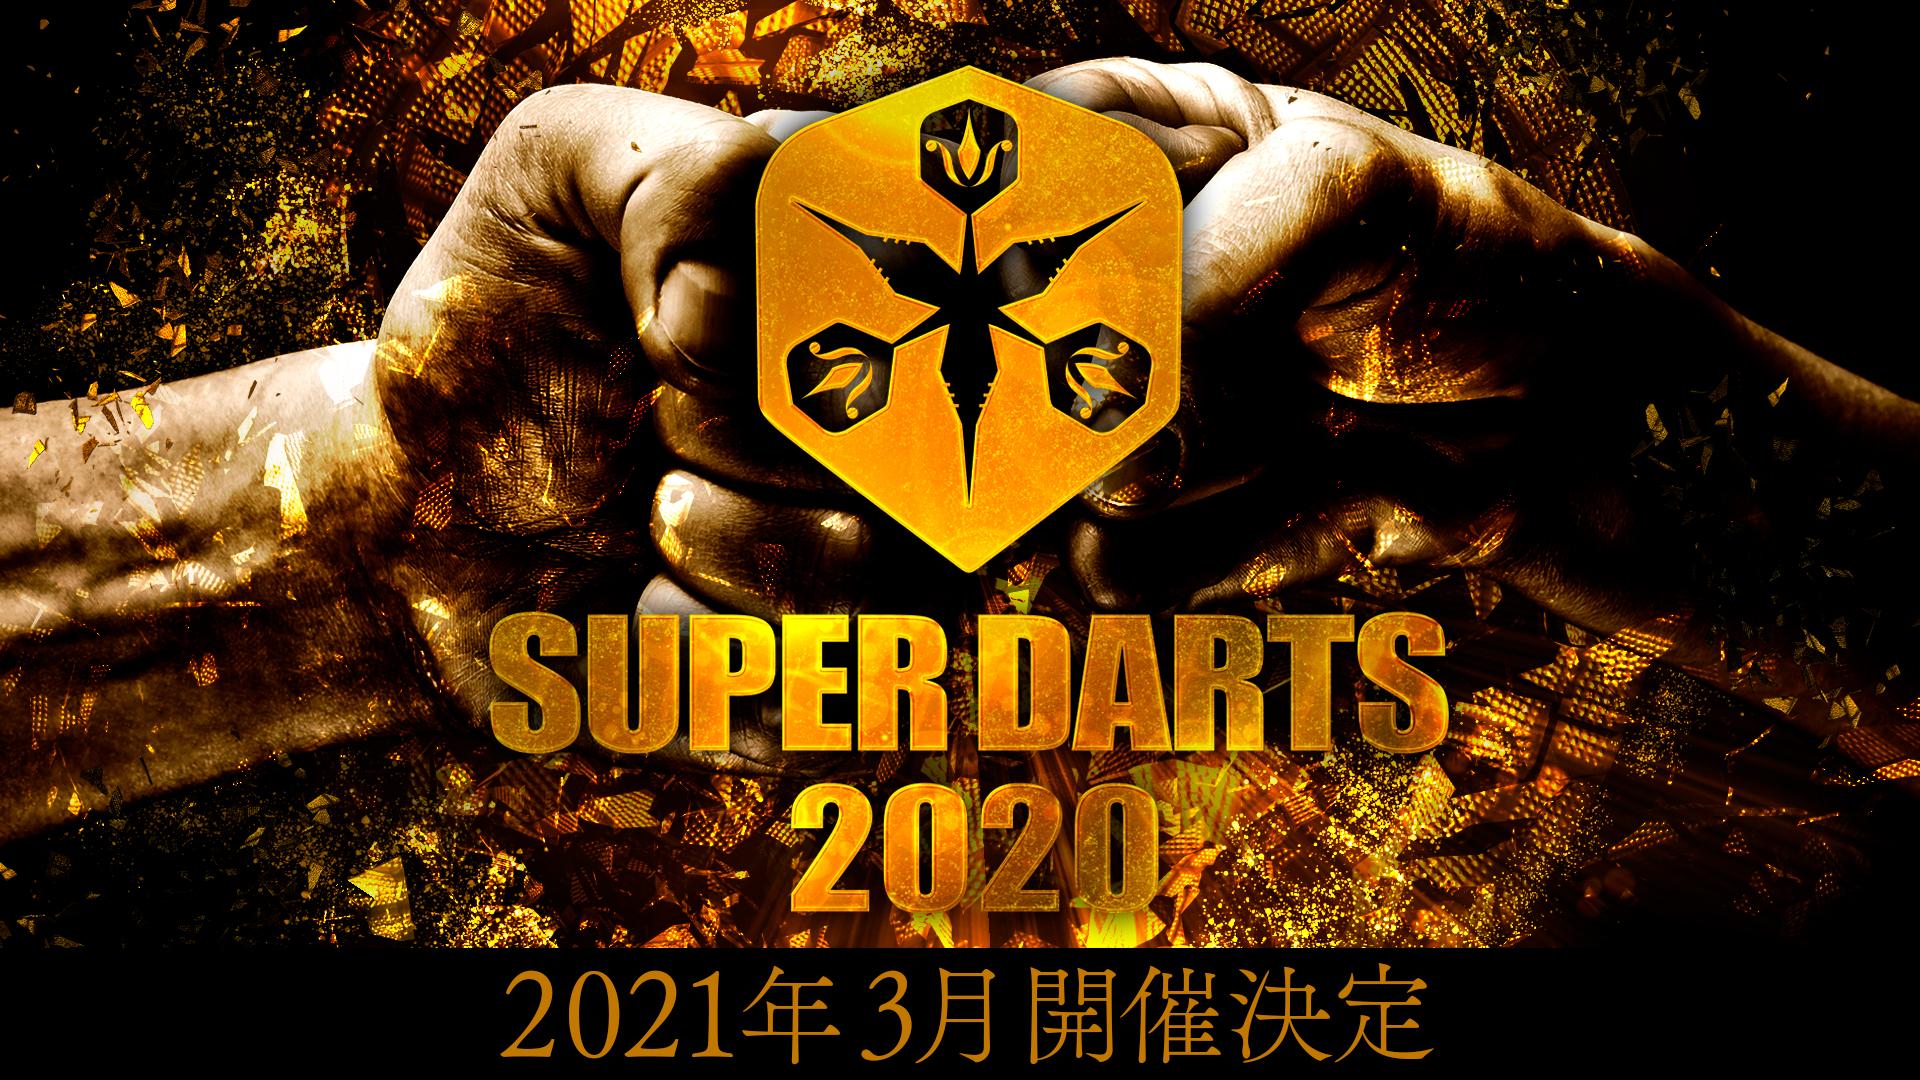 SUPER DARTS 2020開催についてのお知らせ